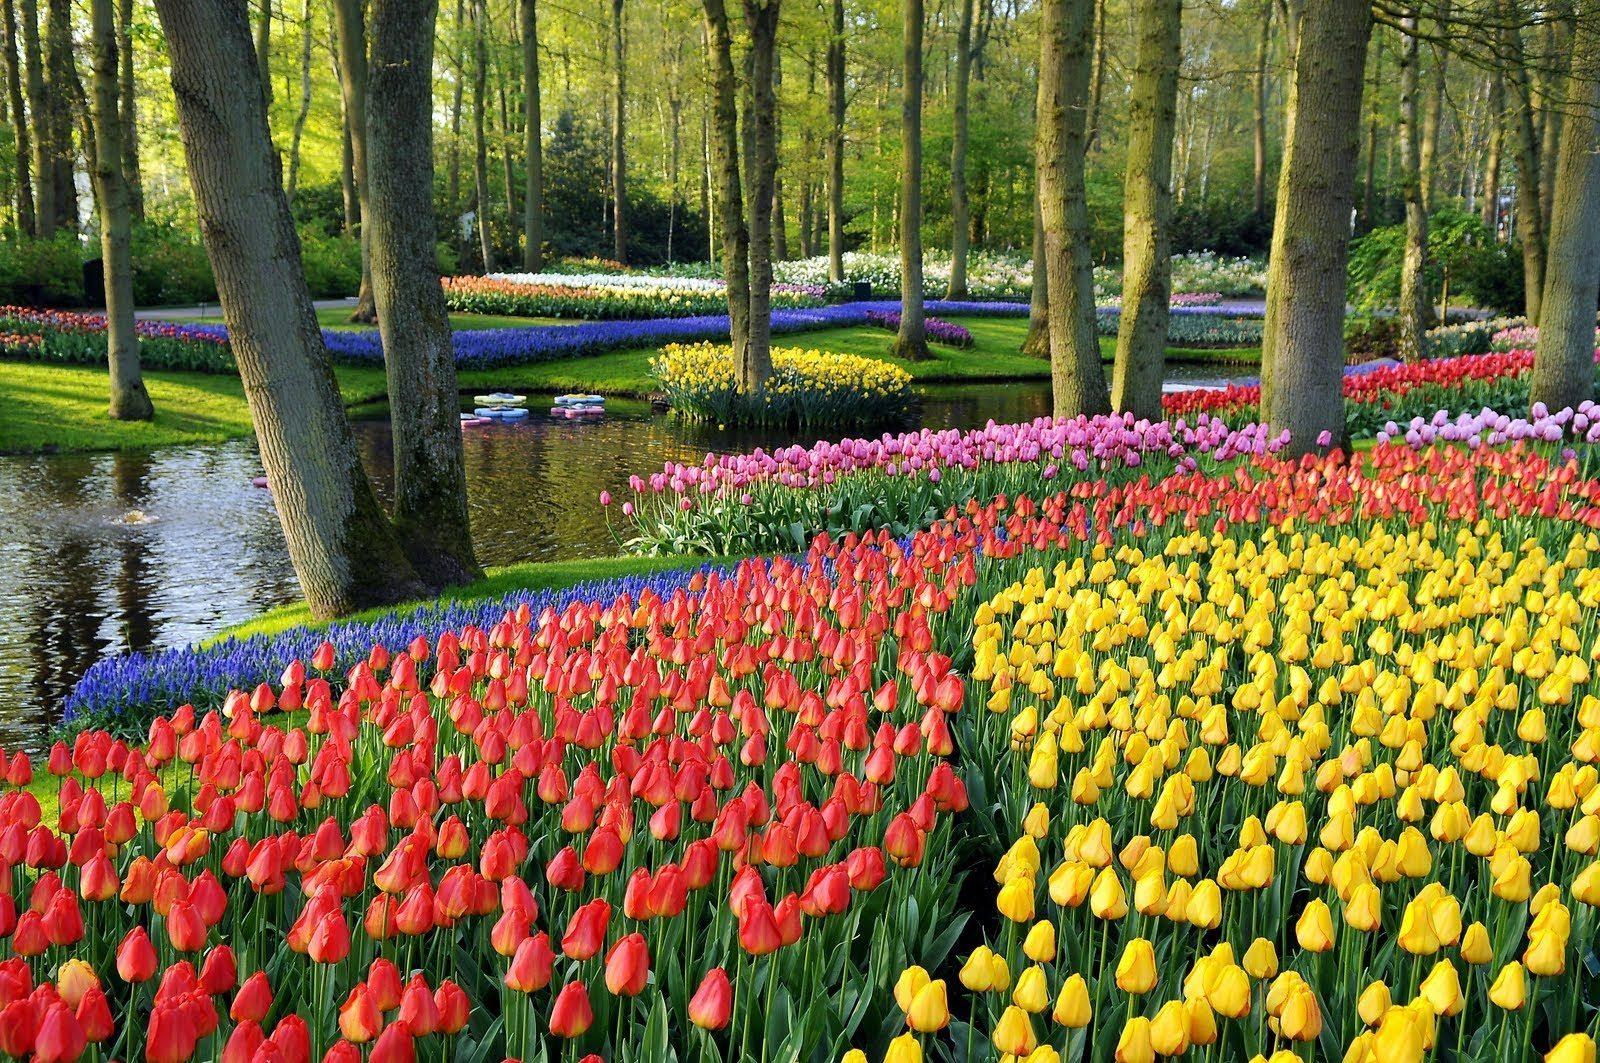 حديقة الزهور في كوالالمبور